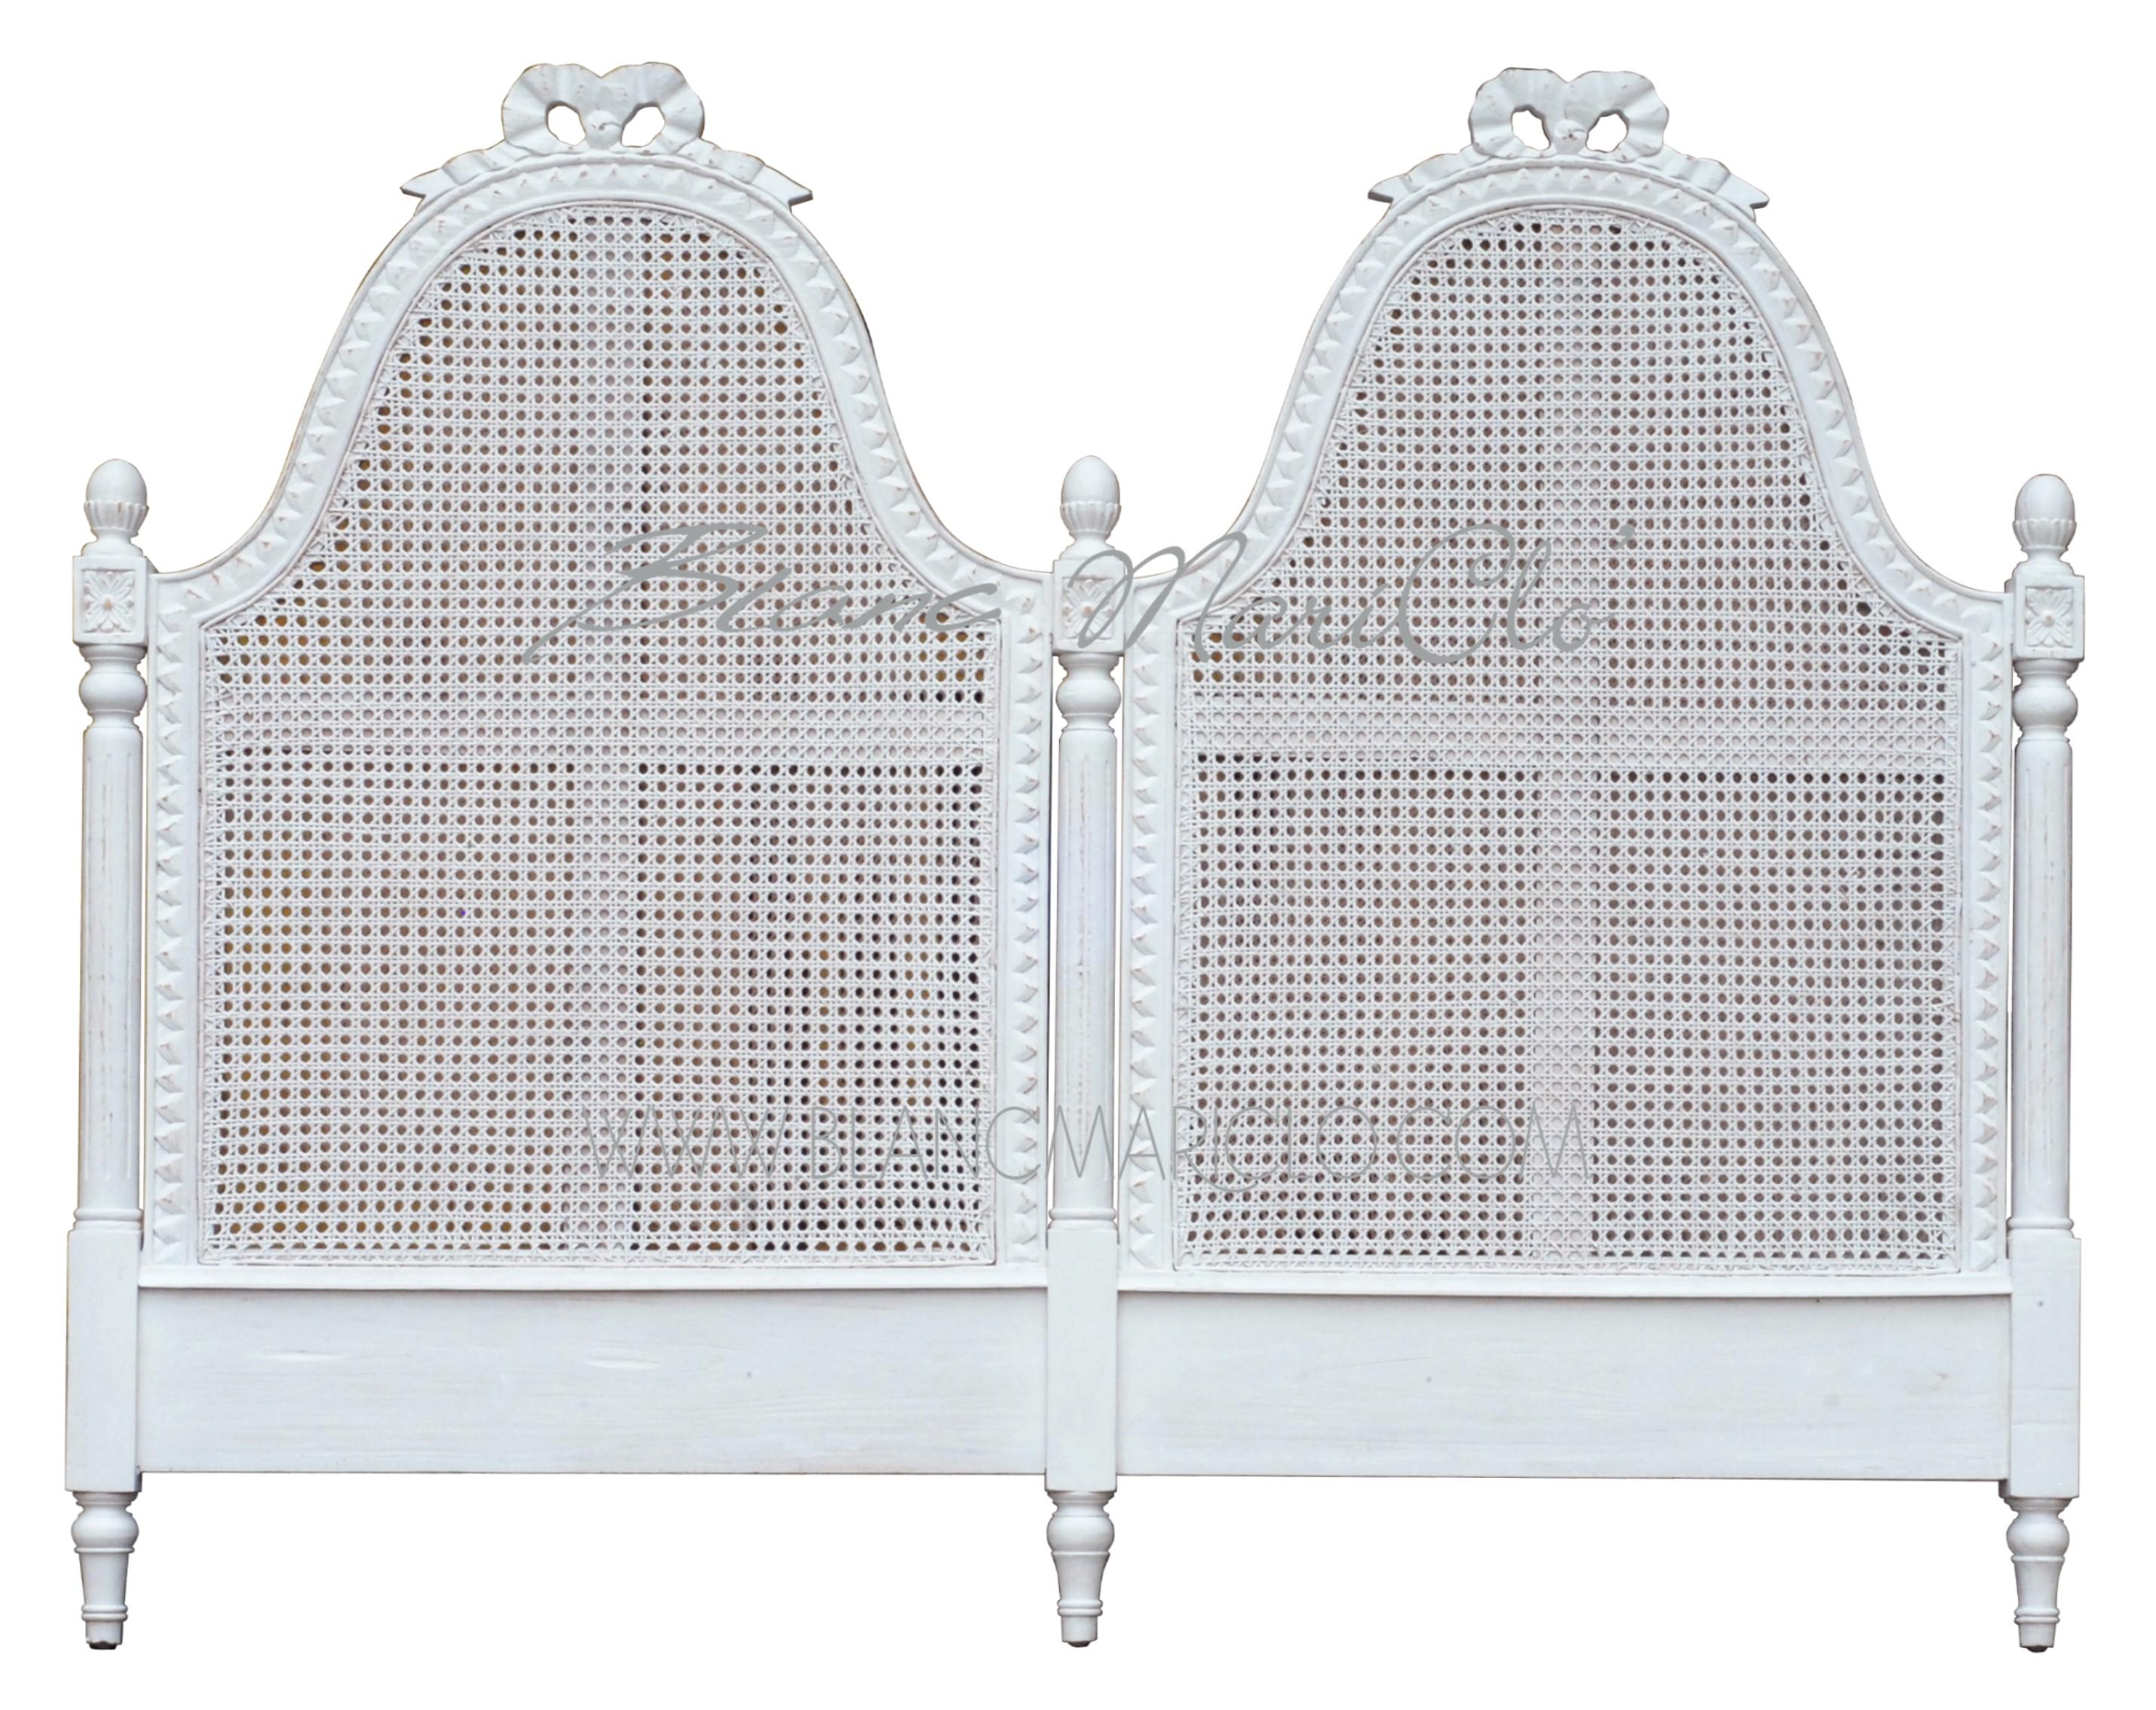 Testata letto matrimoniale in paglia di vienna collezione maria antonietta shop bottega - Letto di paglia ...